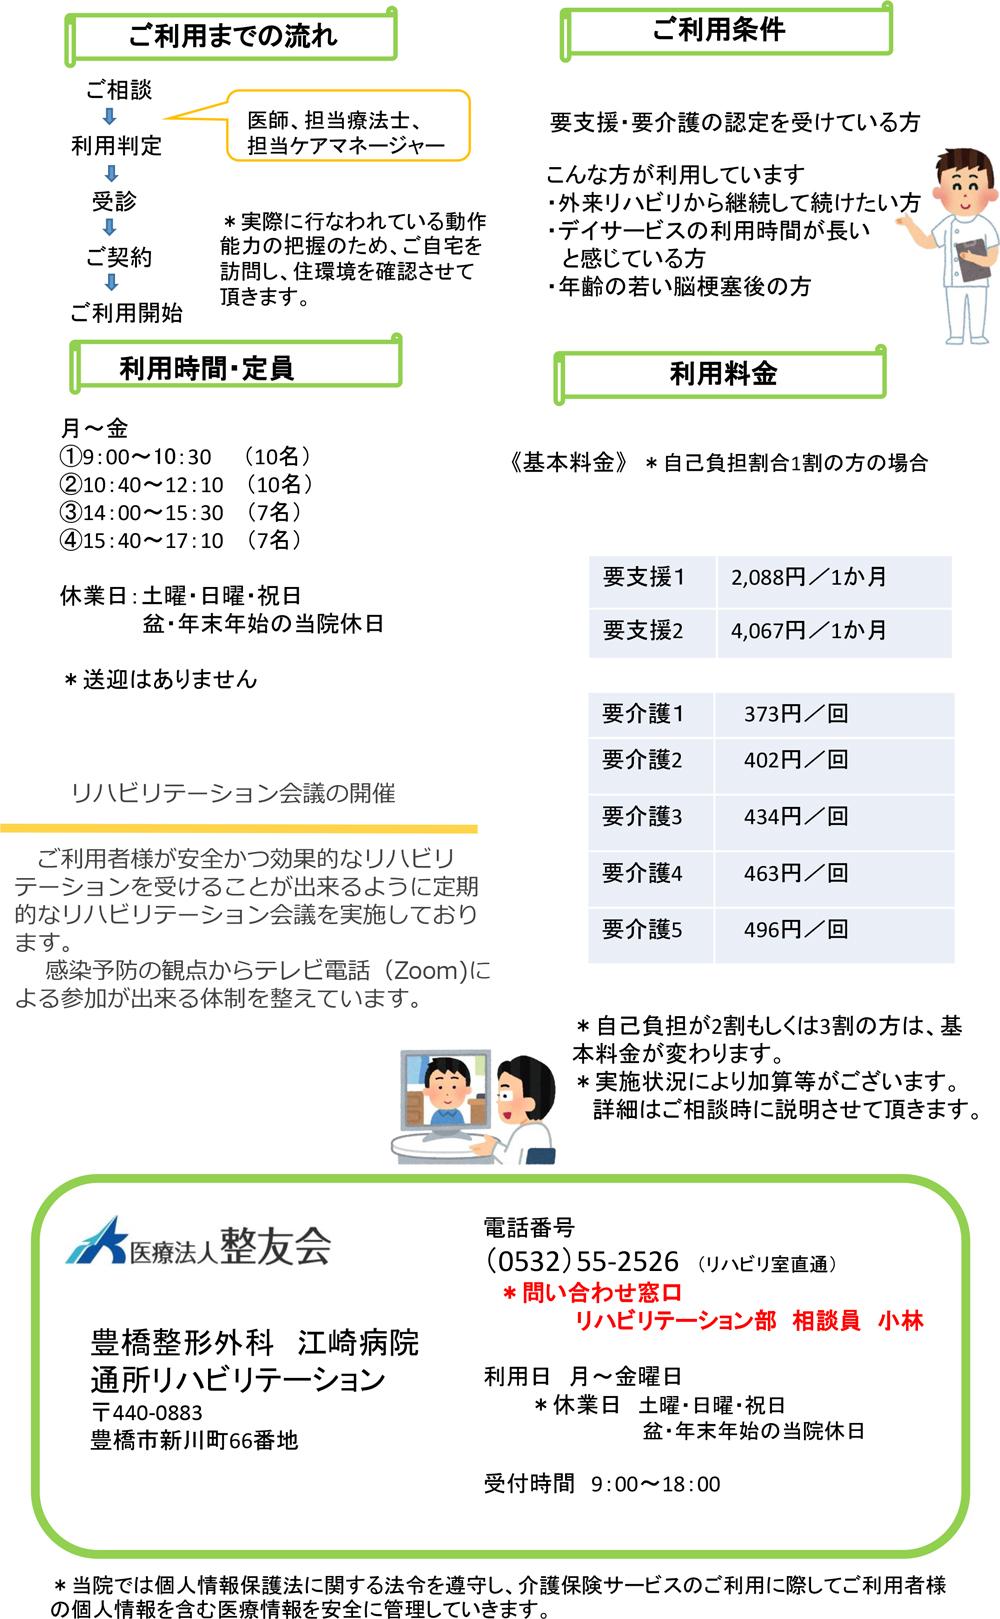 豊橋整形外科江崎病院・通所リハビリテーションのご案内・2